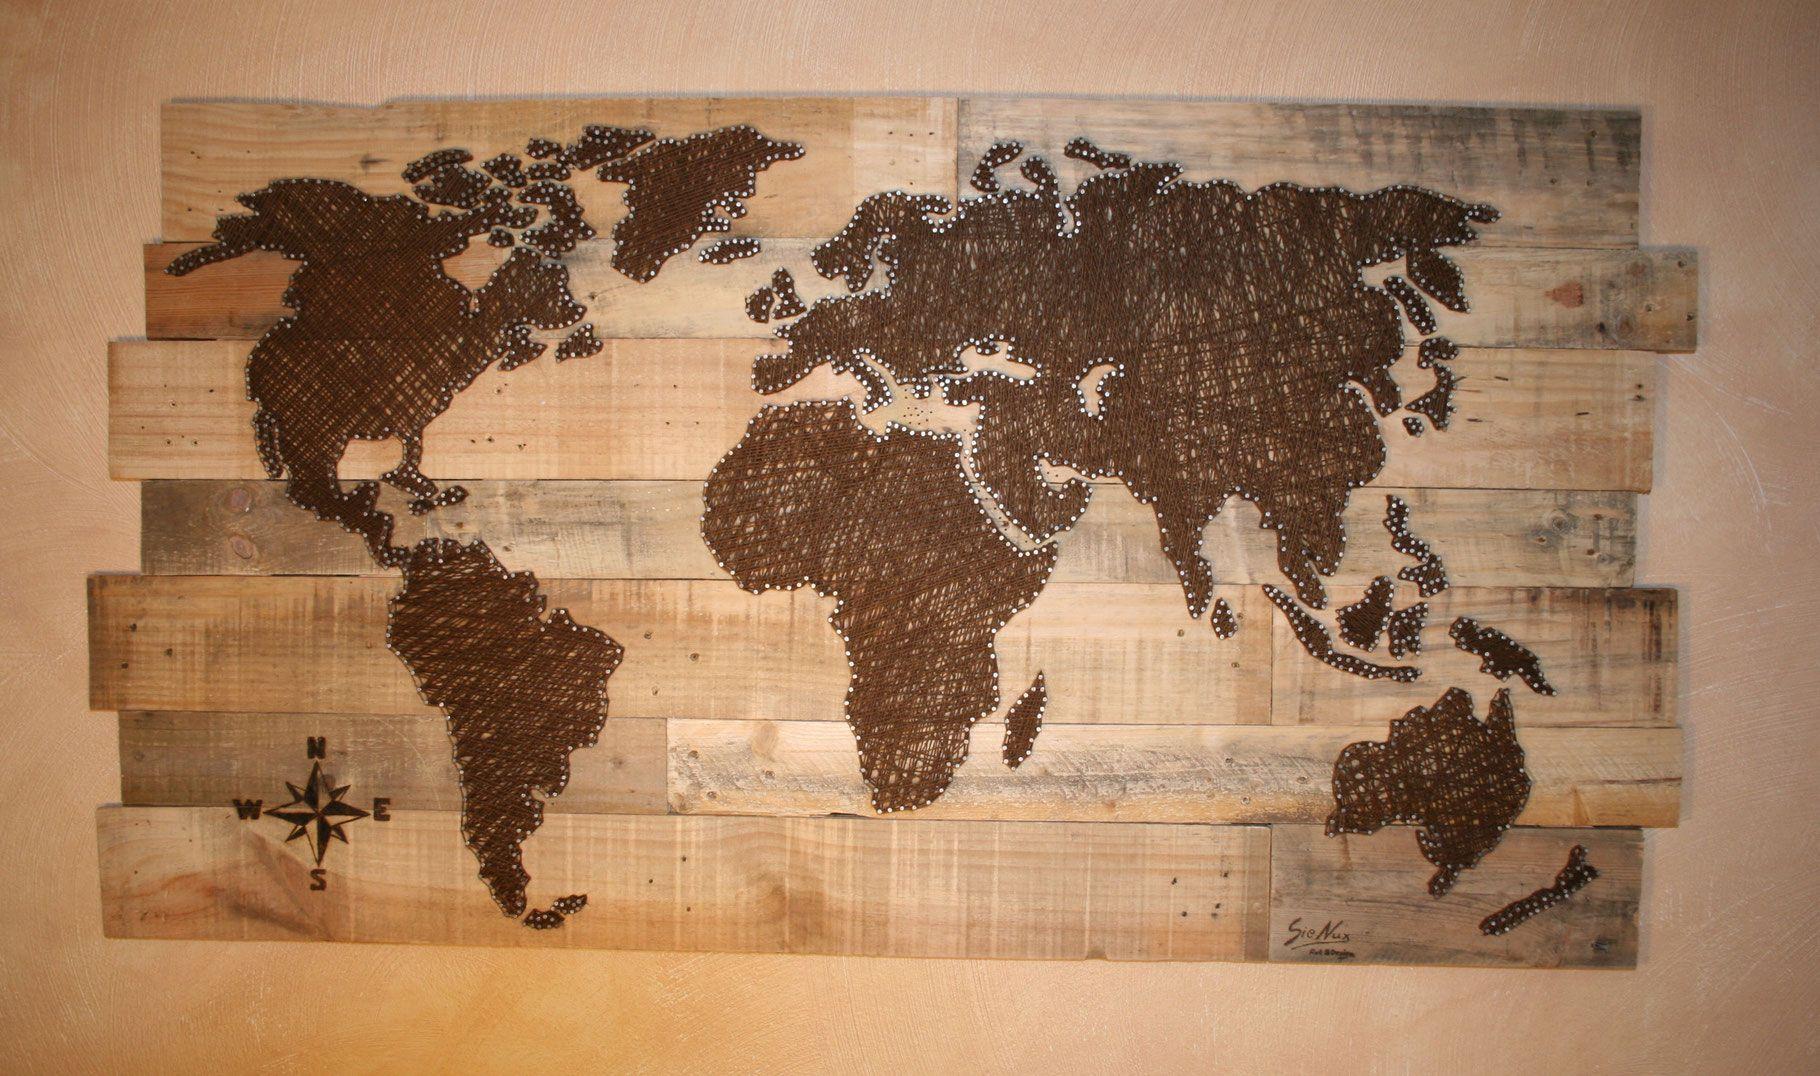 Weltkarte | Fadenbilder, Faden, Bilder verwandt mit Weltkarte Selber Machen